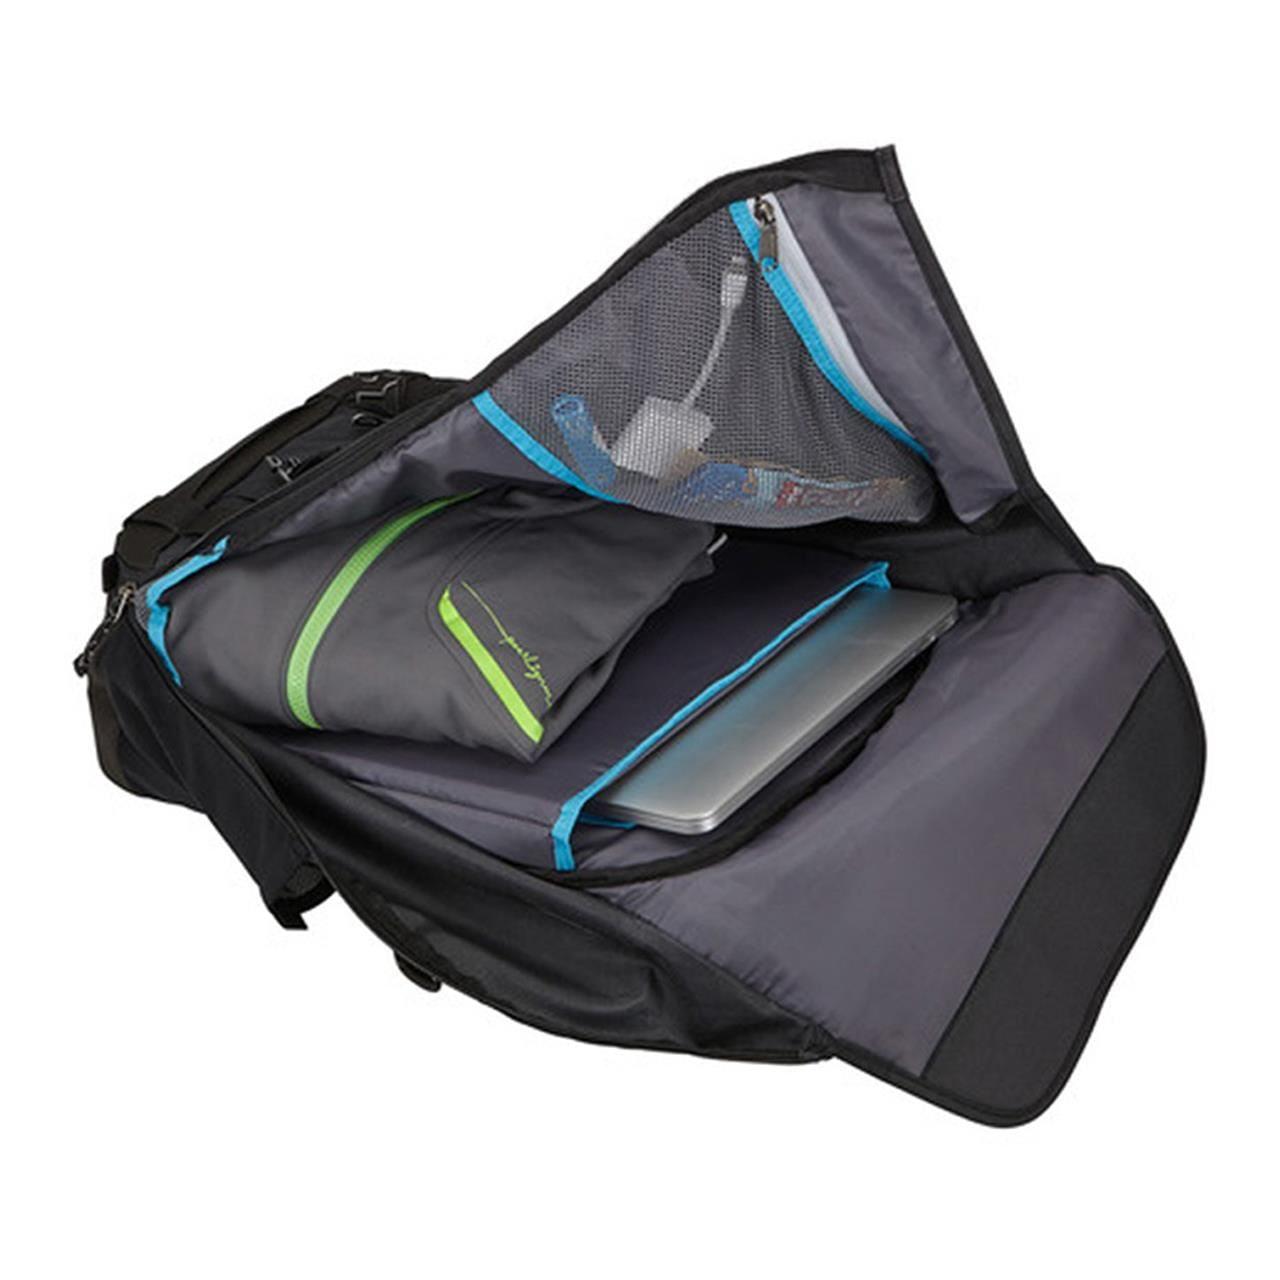 Rucsac urban cu compartiment laptop Thule Subterra Daypack pentru 15 MacBook Pro Dark Grey 10